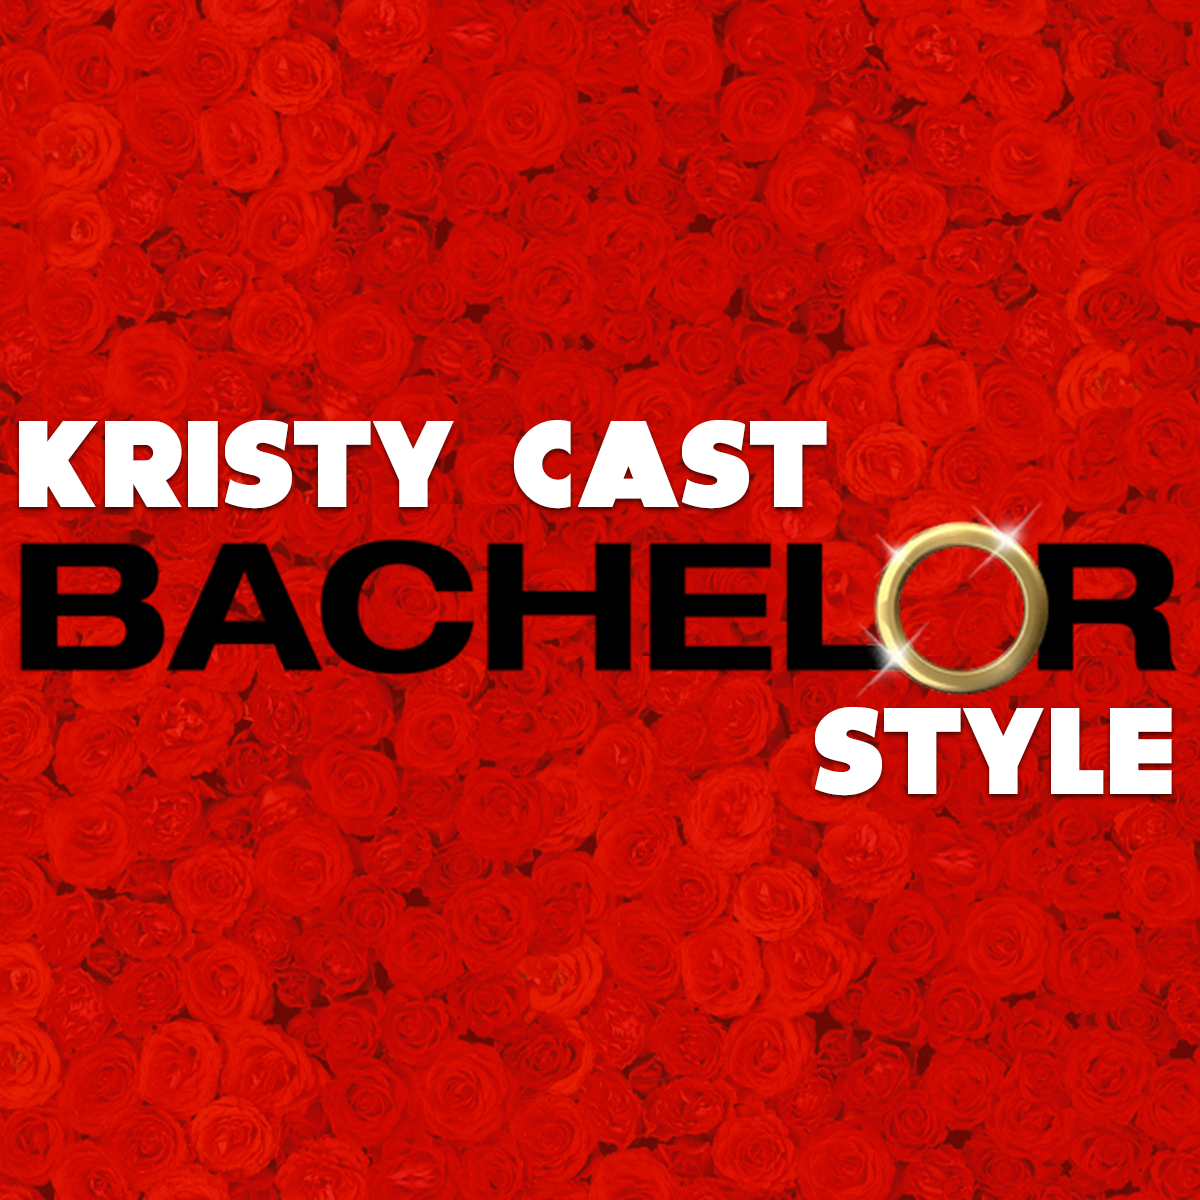 Kristy Cast - Bachelor Style